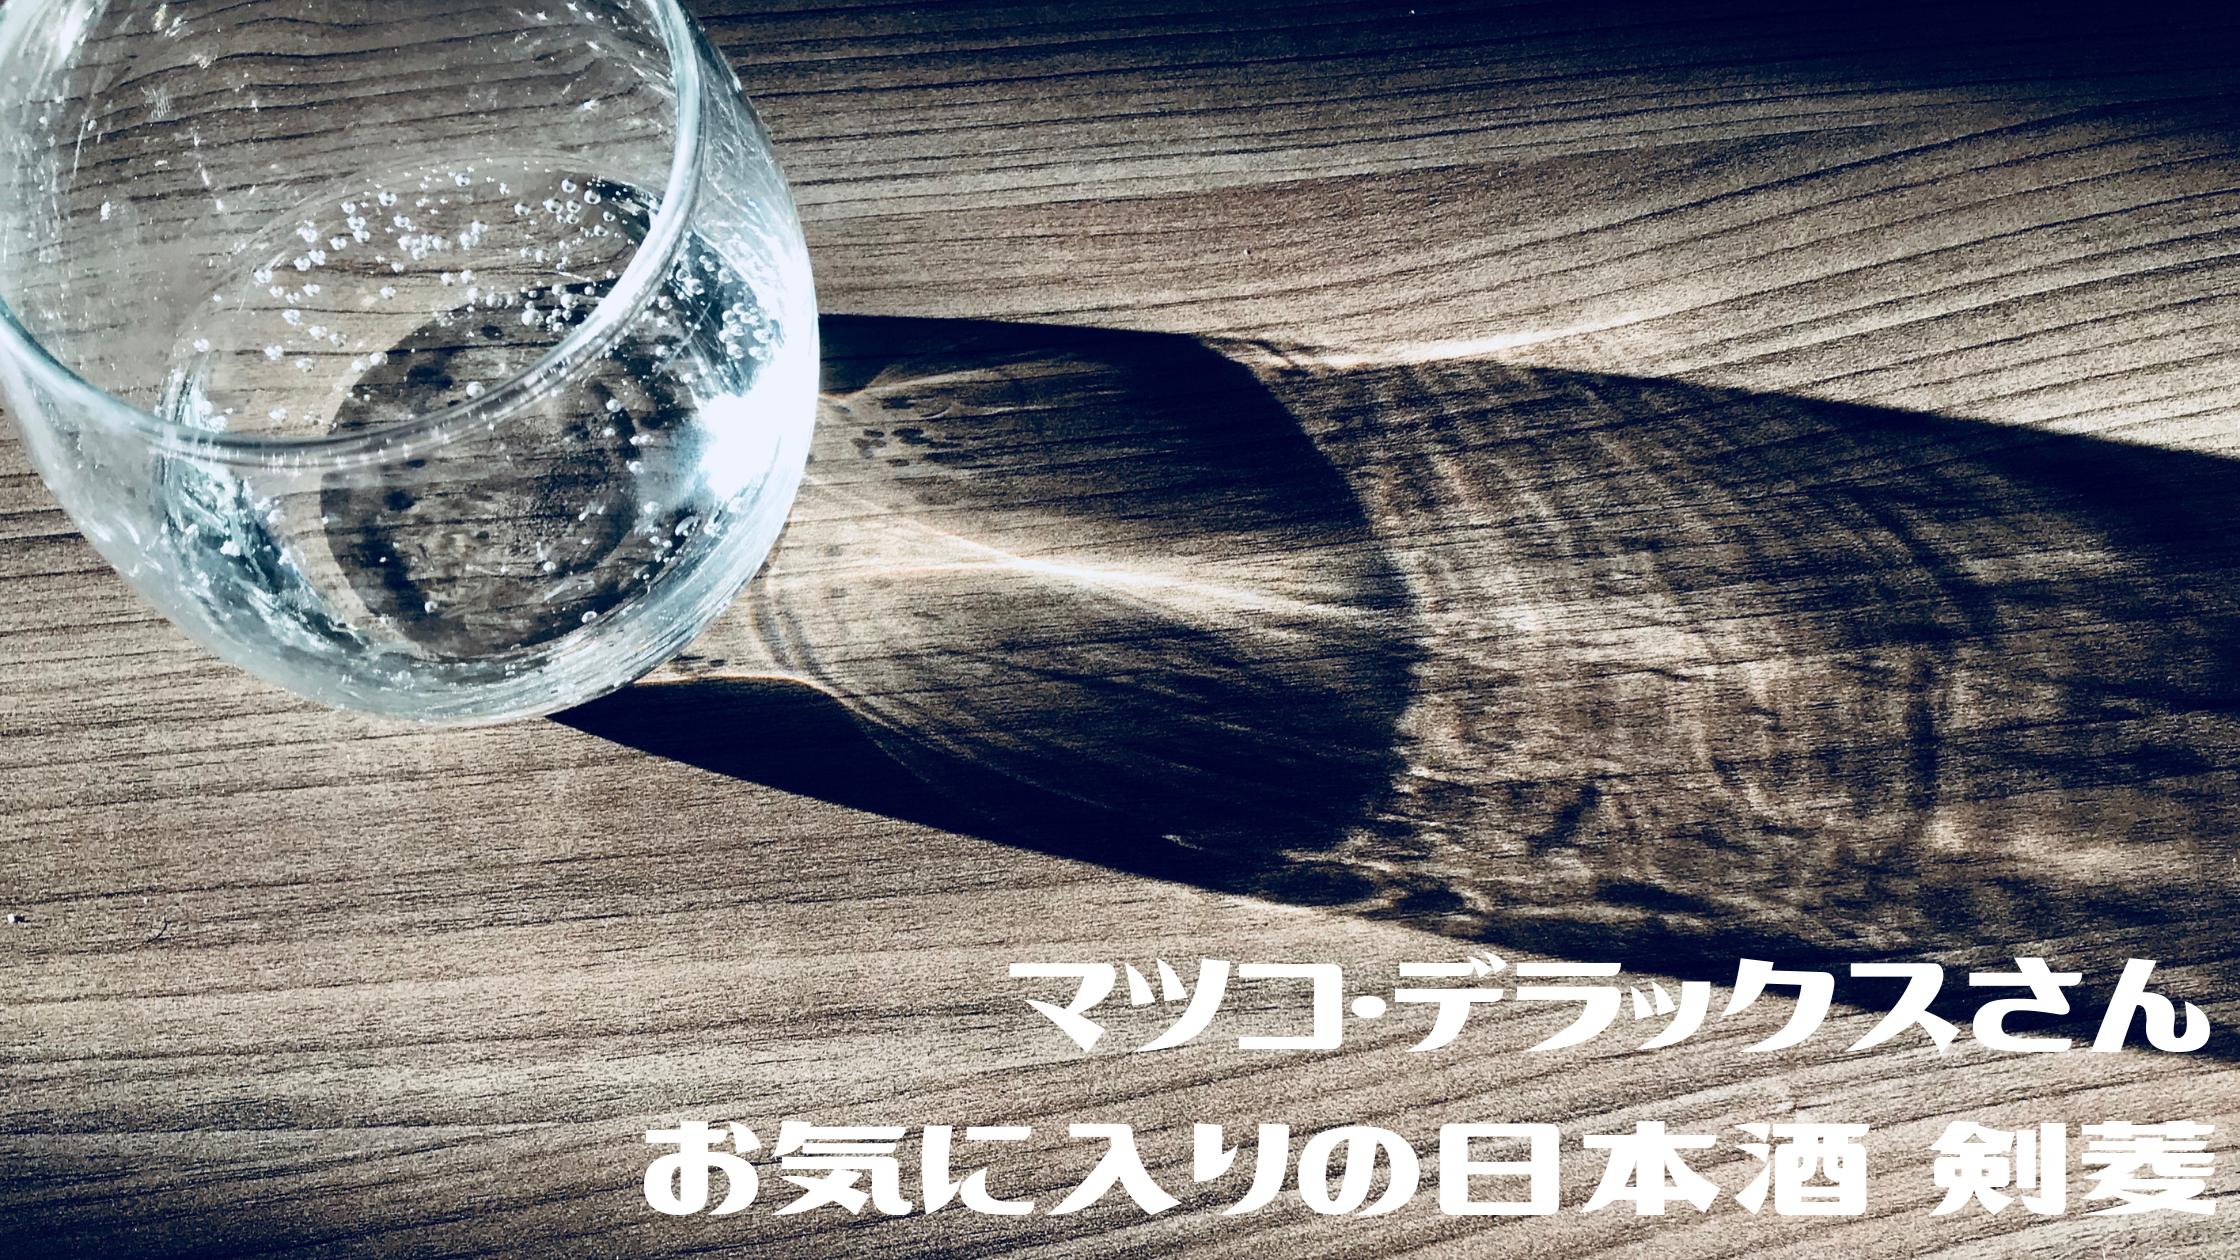 【おしゃれイズム】マツコ・デラックスさんおもてなし【日本酒 剣菱】